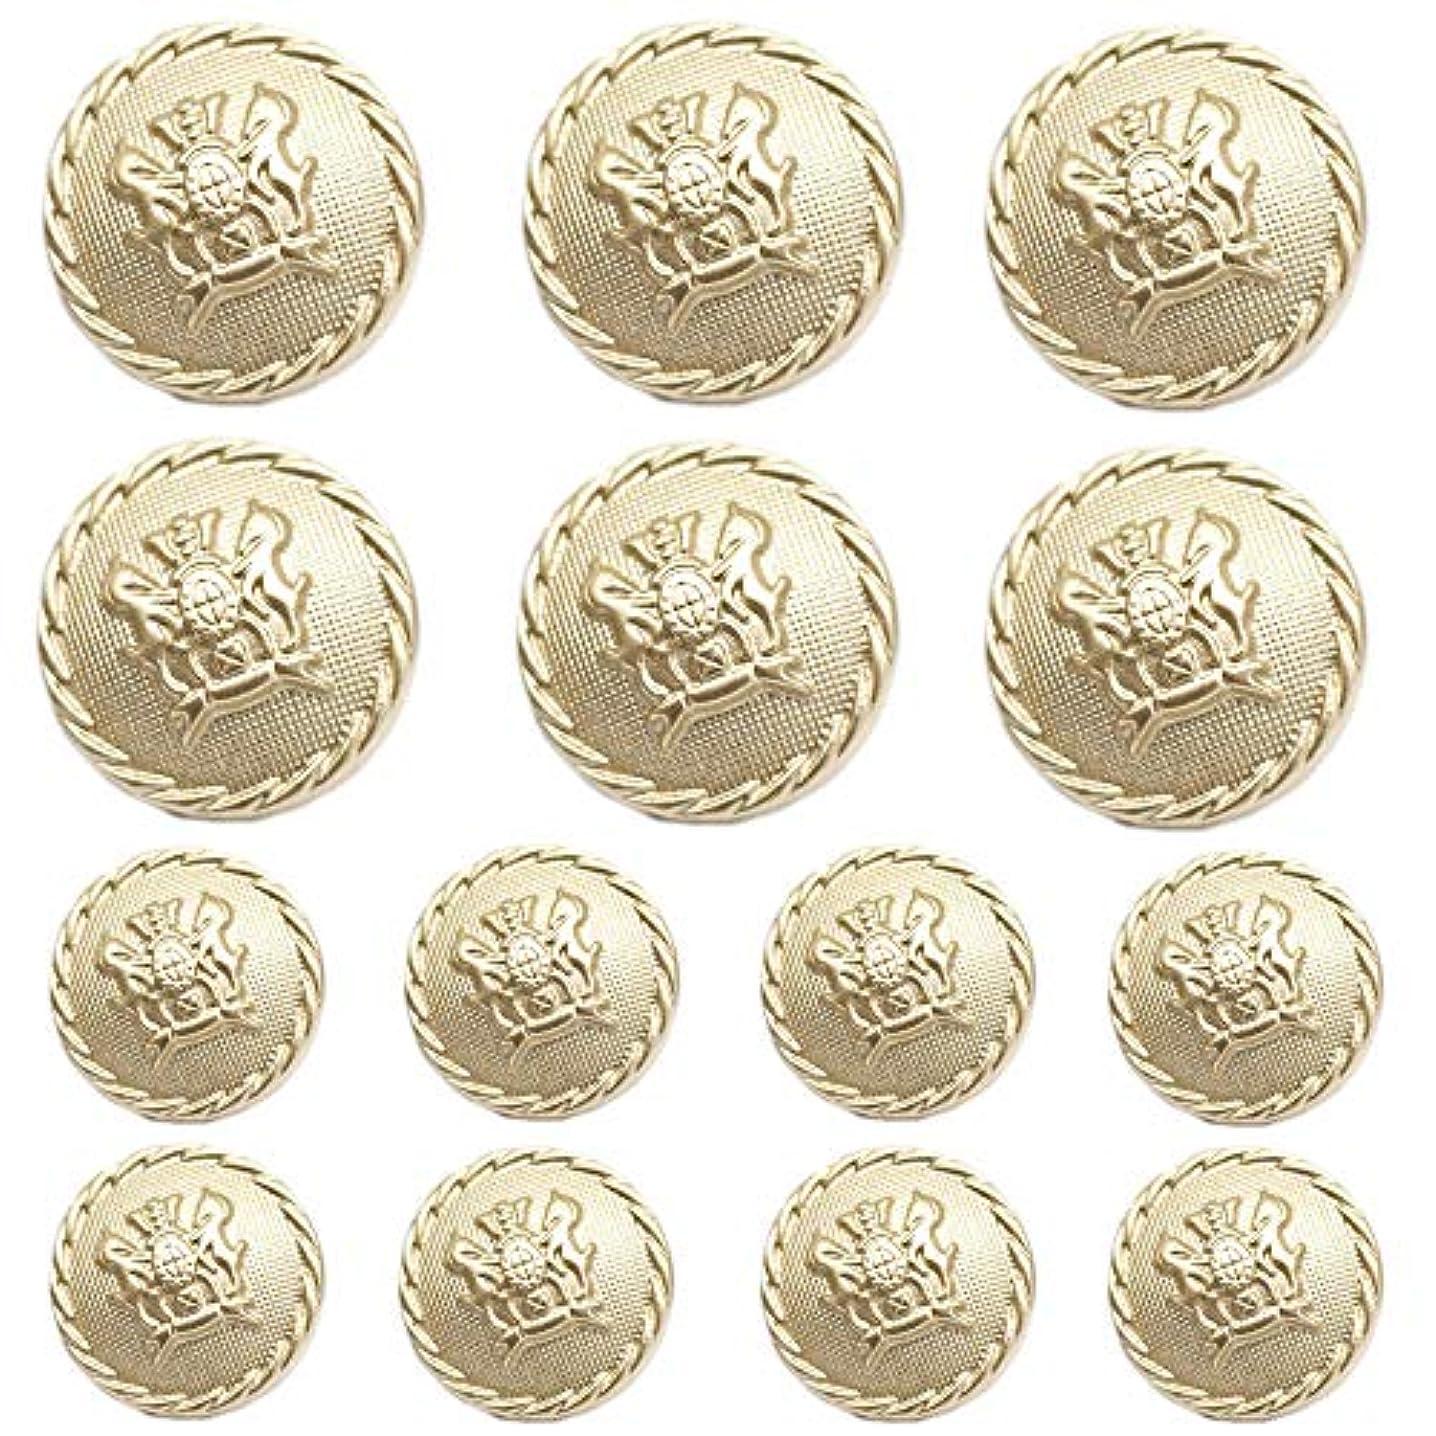 YaHoGa 14pcs Matte Gold Blazer Buttons for Suits Blazers Sport Coats 20mm 15mm Metal Shank Blazer Buttons Set for Sewing Coats Suits Blazers (MB20090)